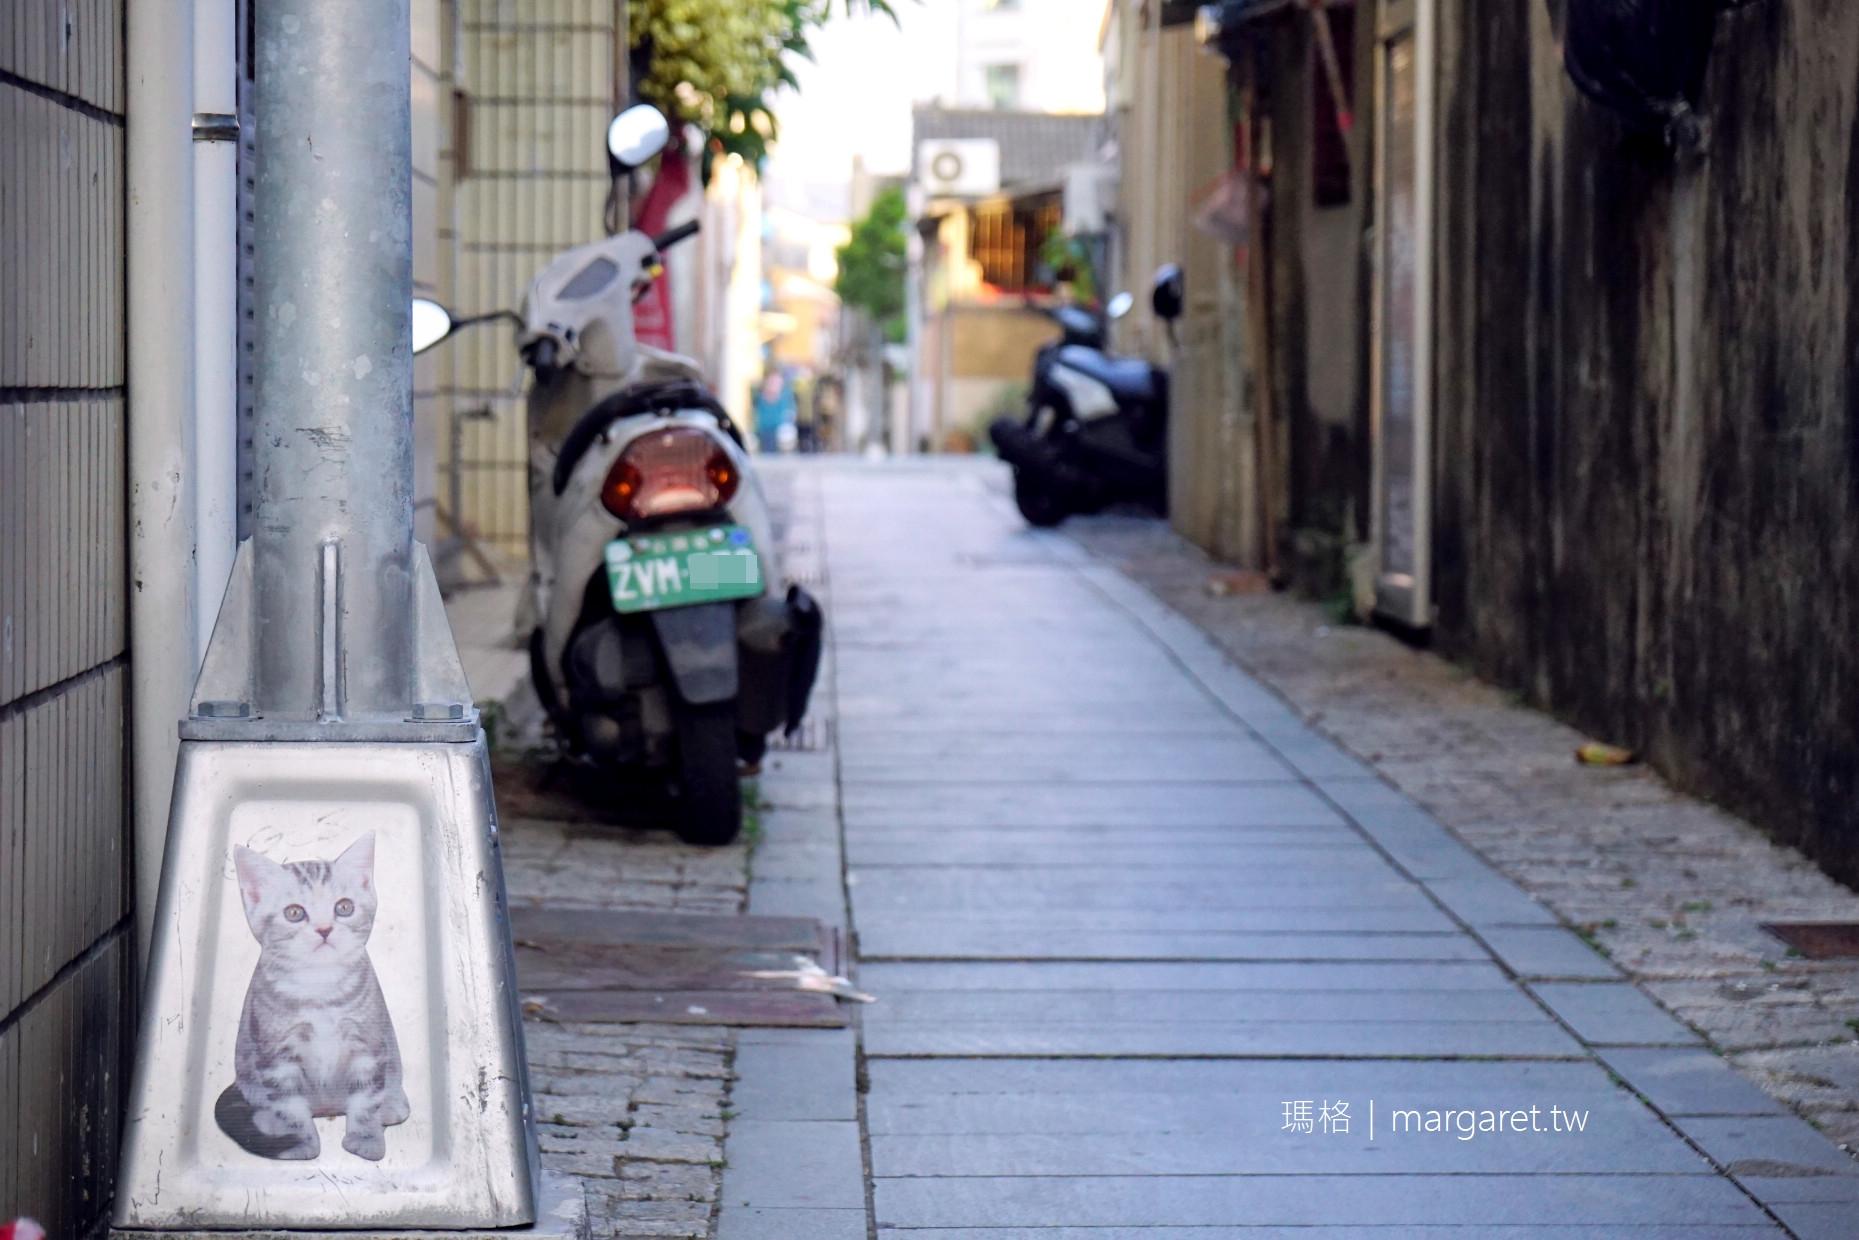 安平胭脂巷。花貓在顧店|迷路才找得到的小天地